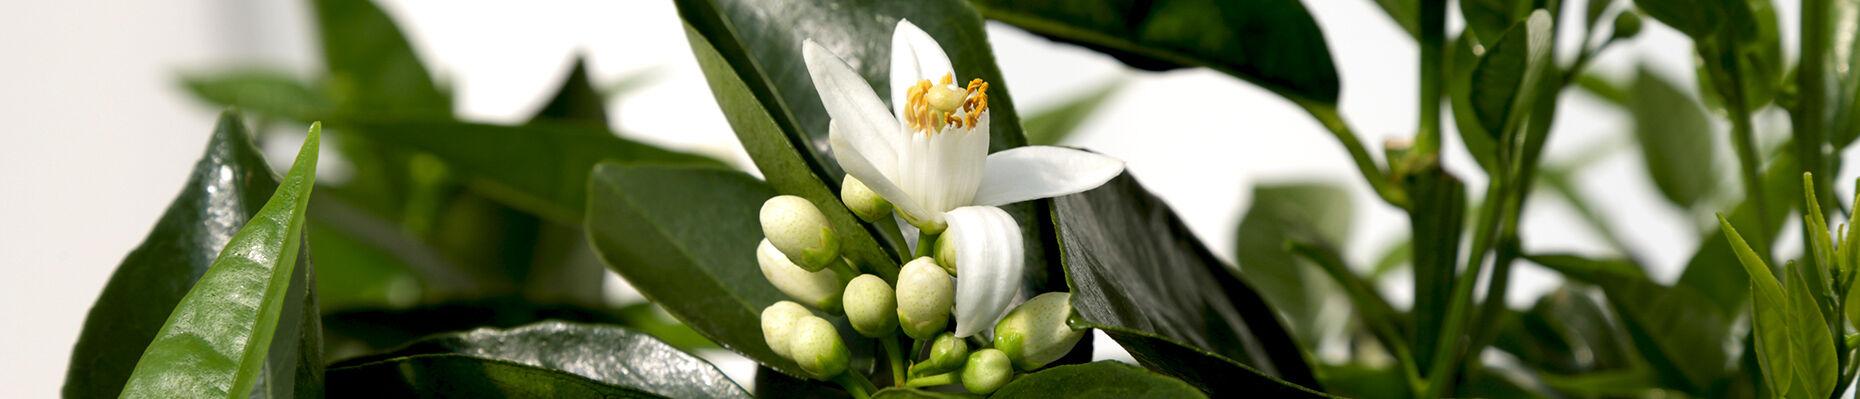 fiore-arancio-giambo-piante.jpg